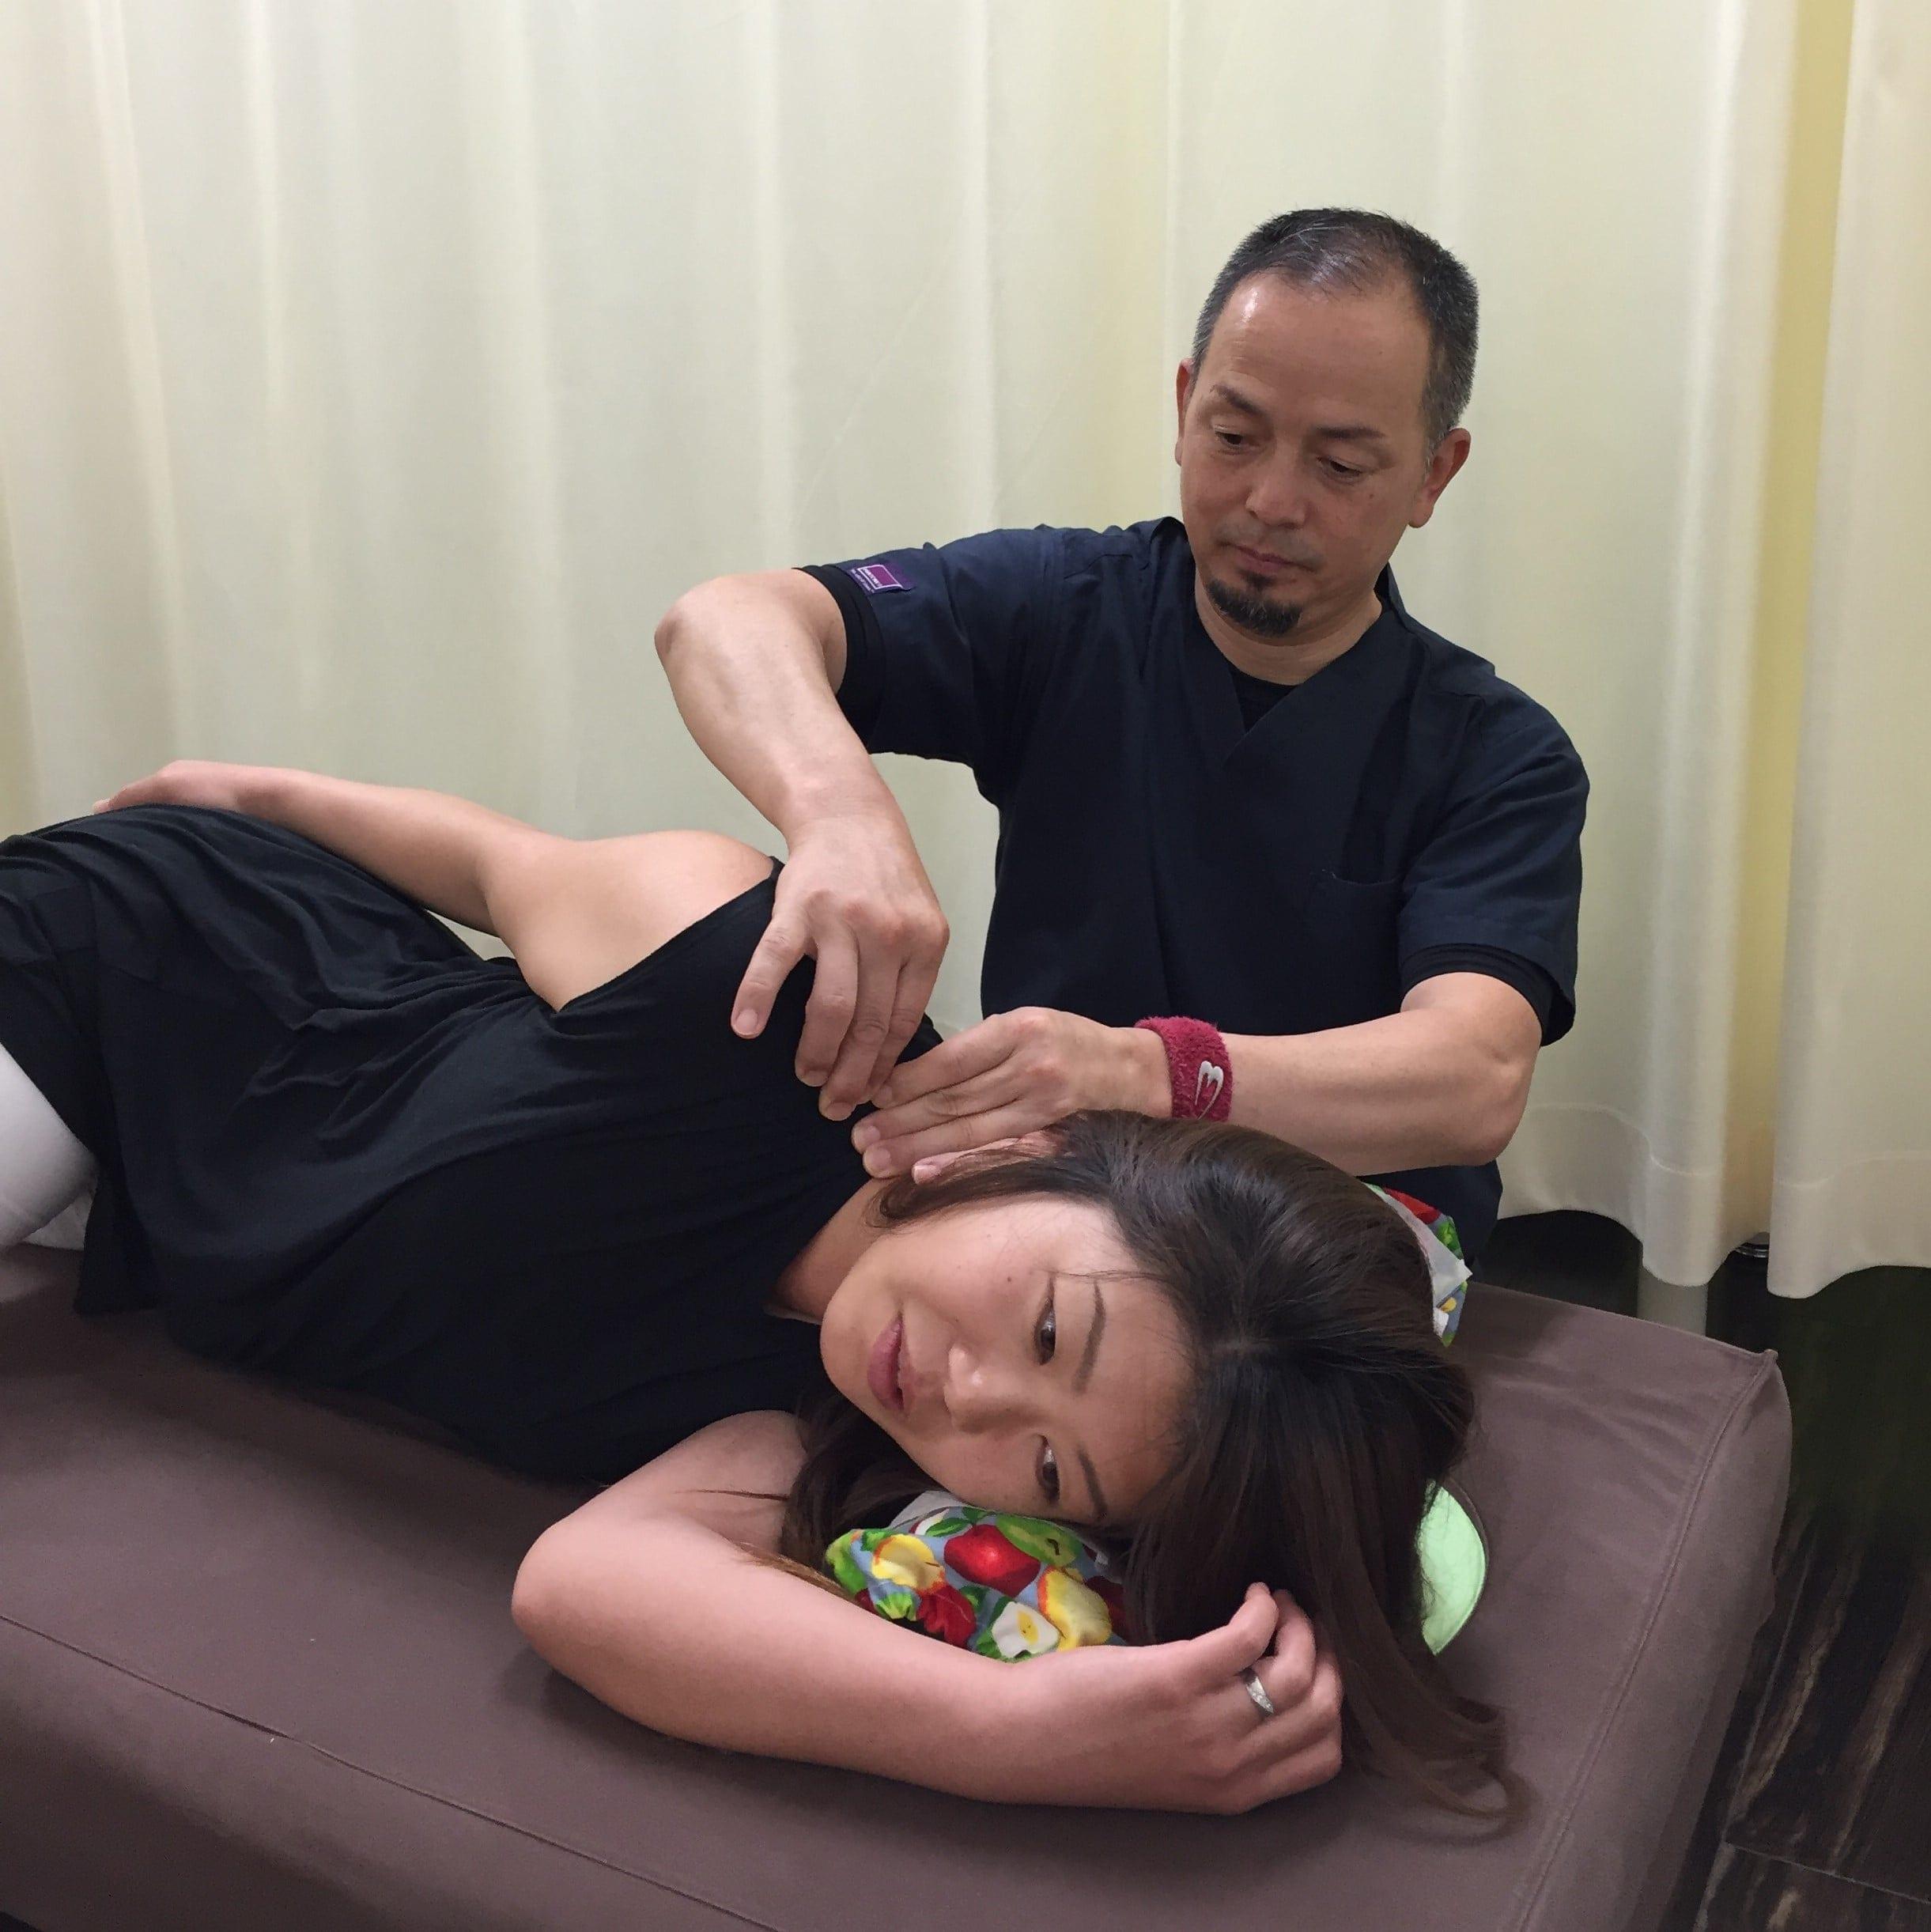 五十肩治療 10回券【店頭払い専用】のイメージその3